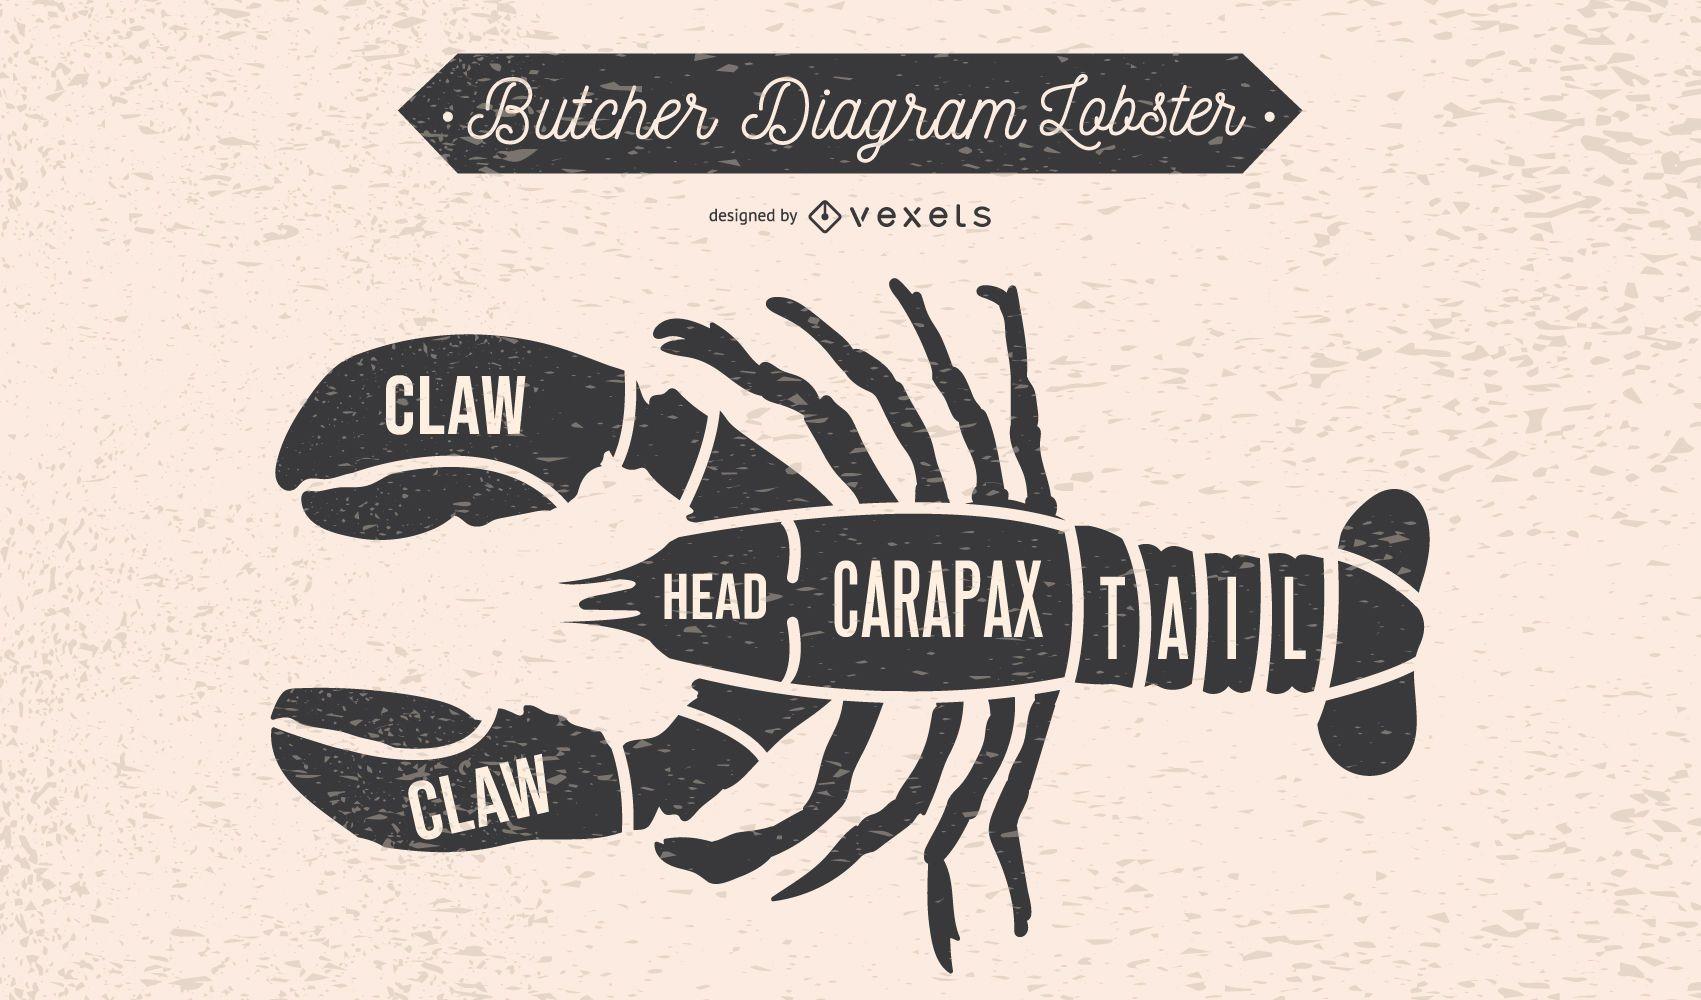 Lobster Butcher Diagram Design